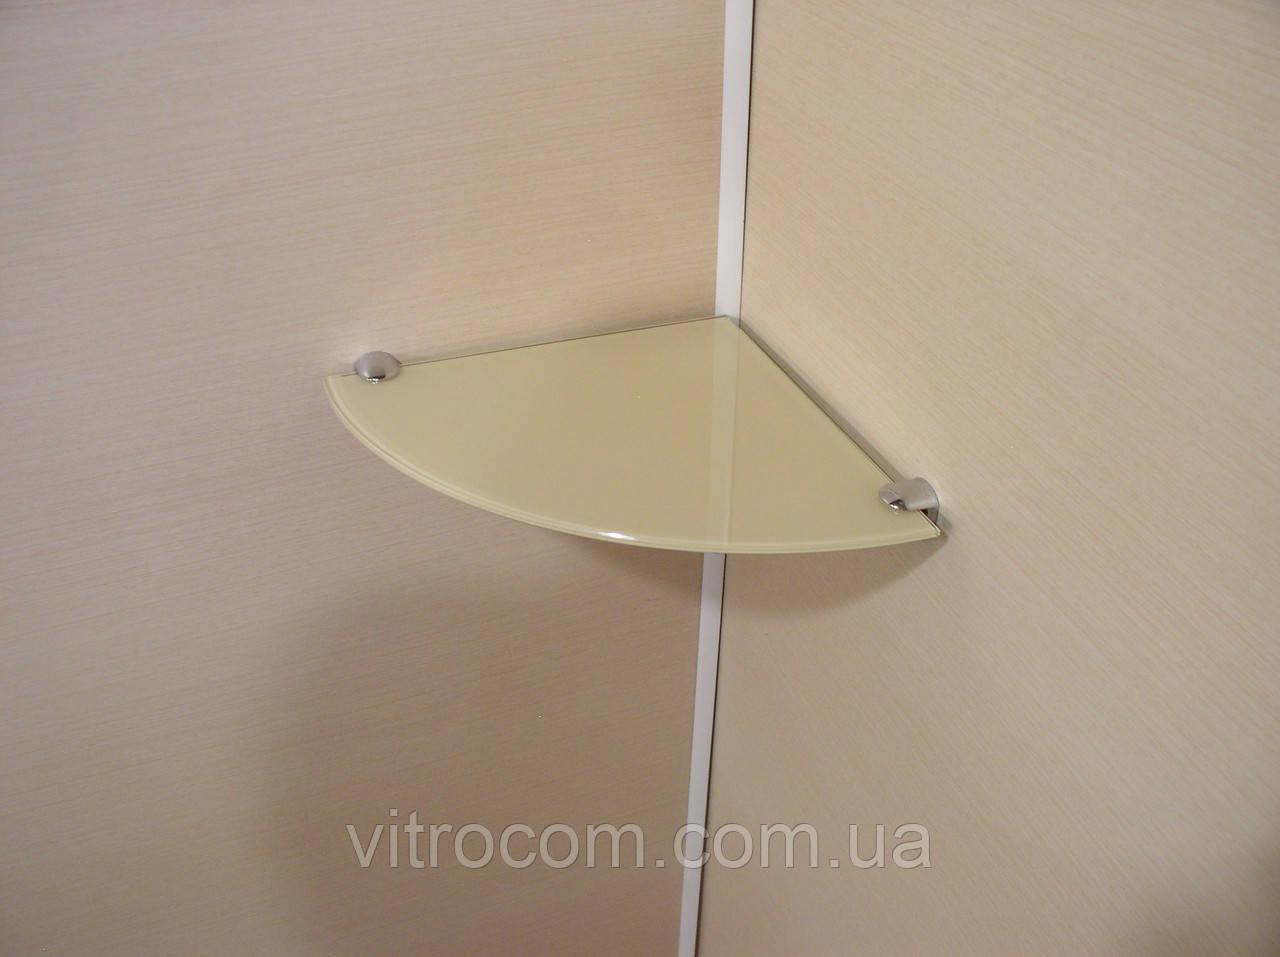 Полка стеклянная угловая 6 мм бежевая 25 х 25 см